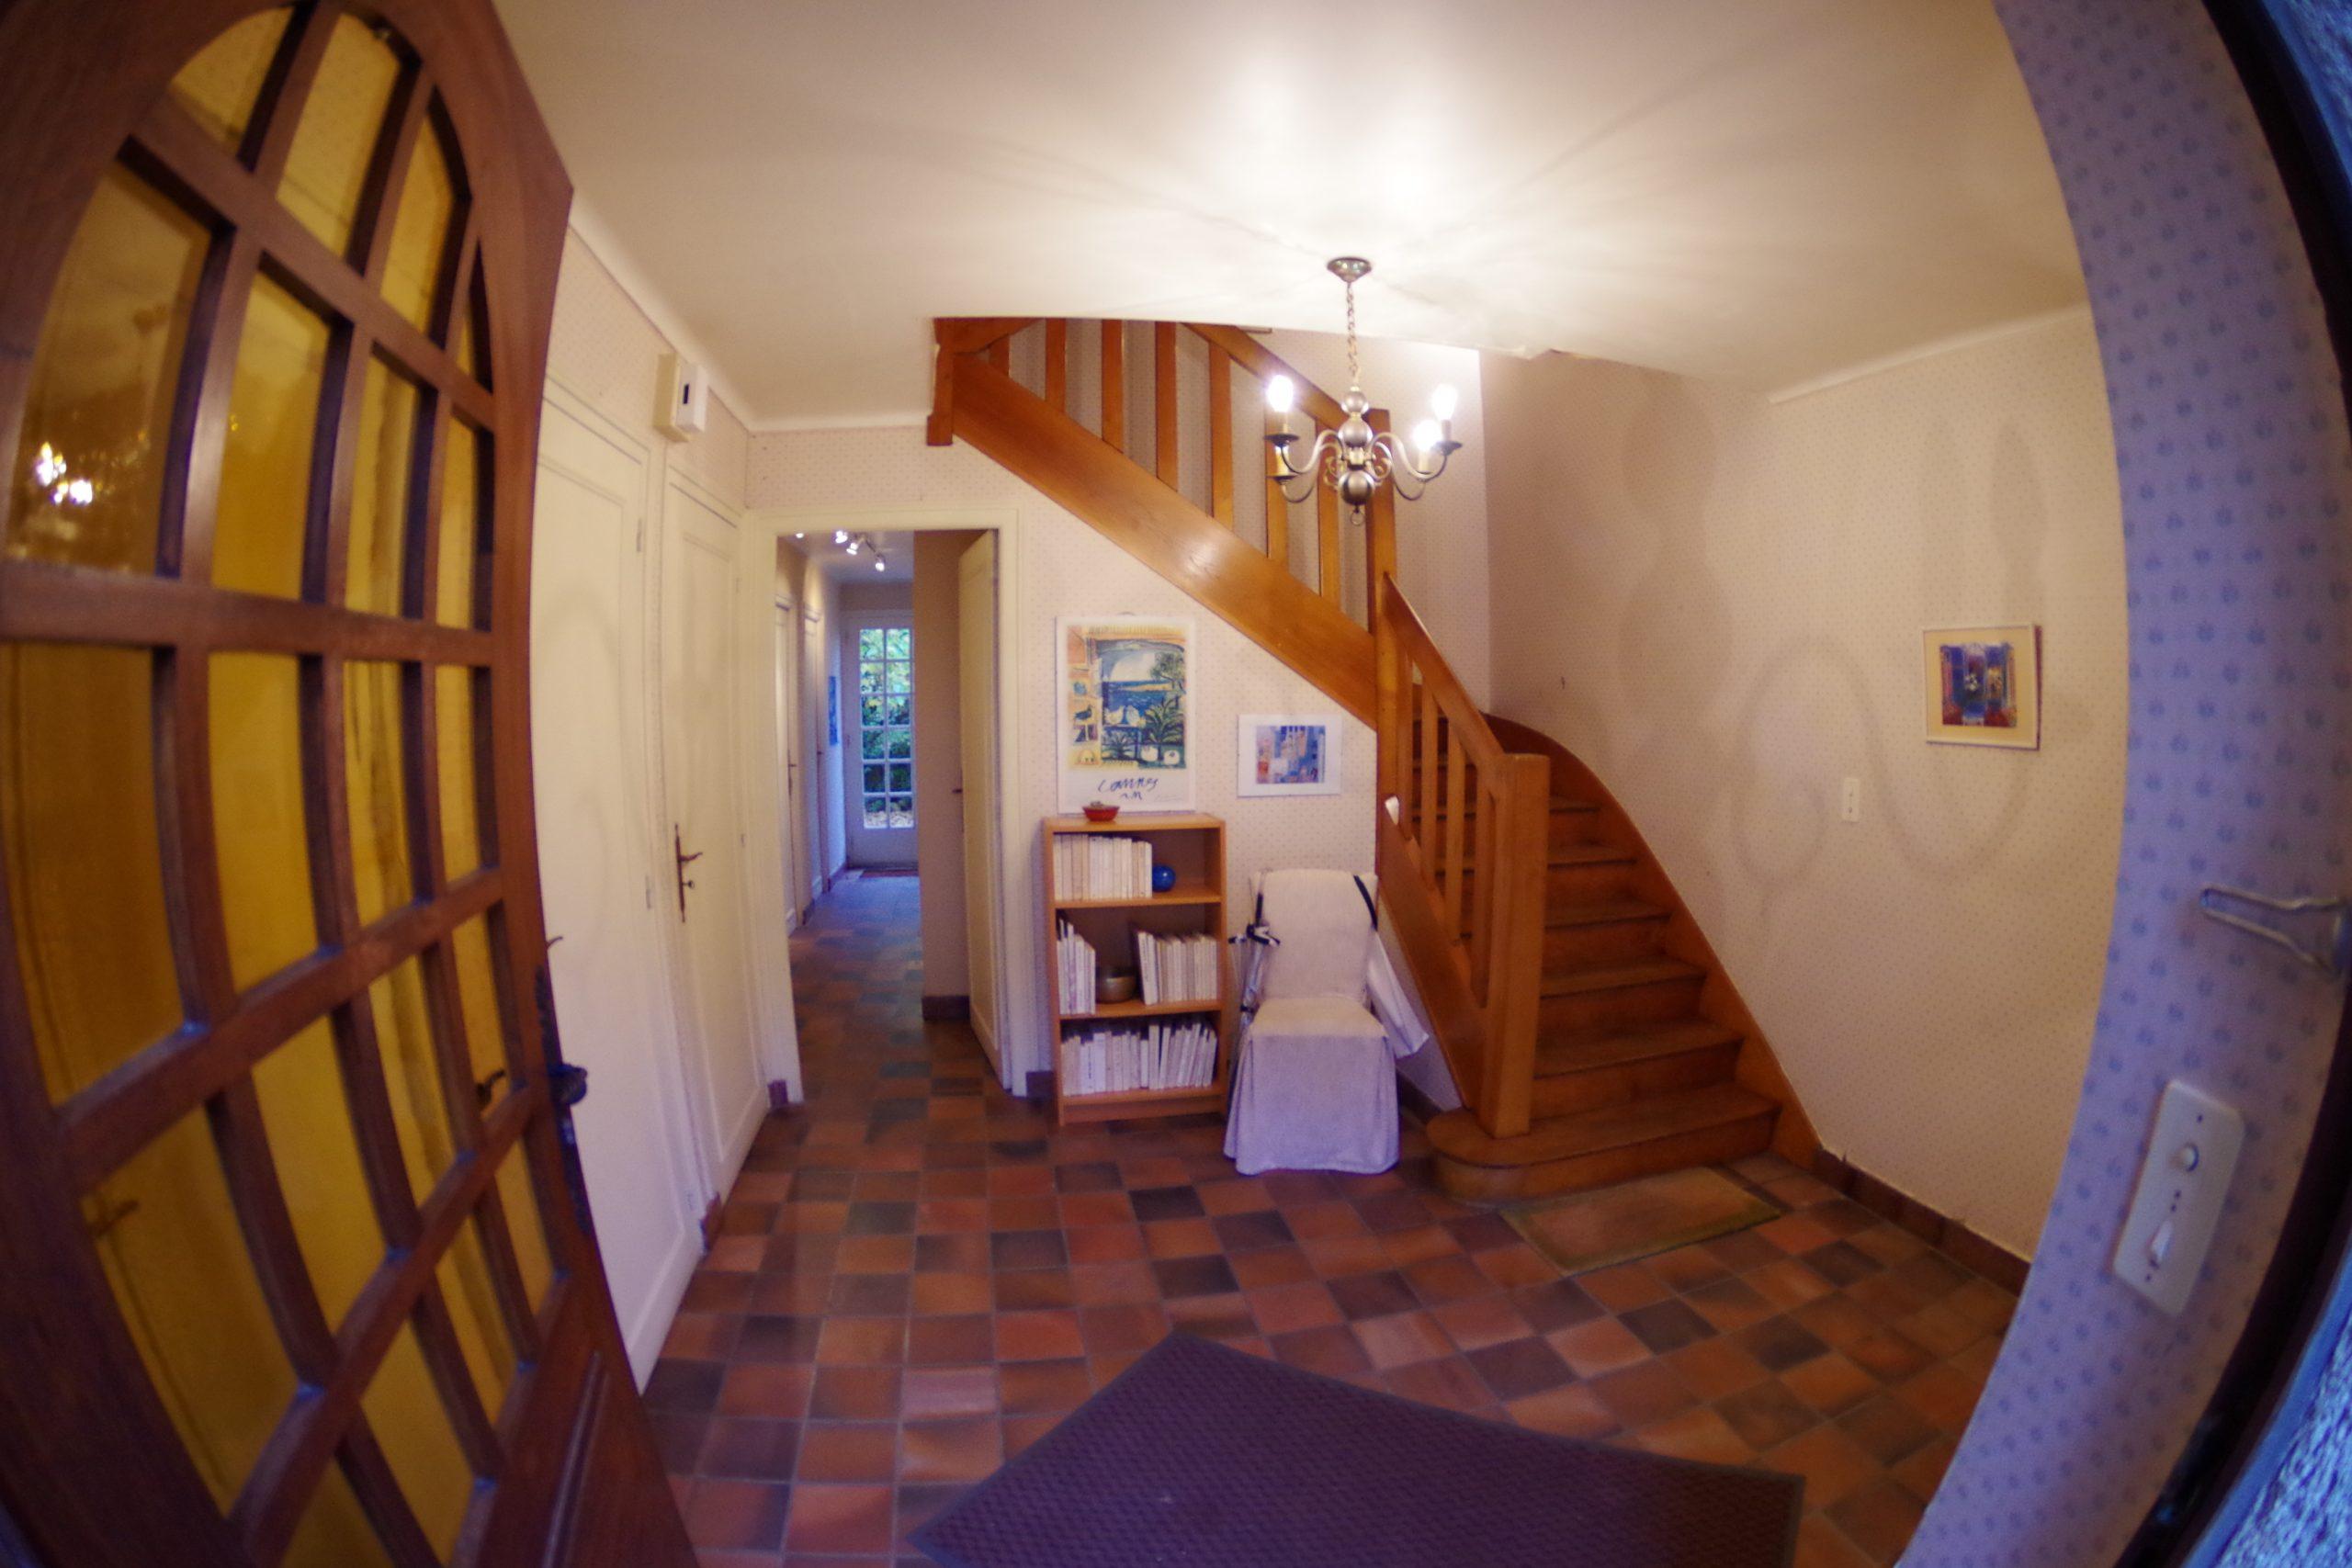 Le hall d'entrée de la maison de Quimper par Archibien